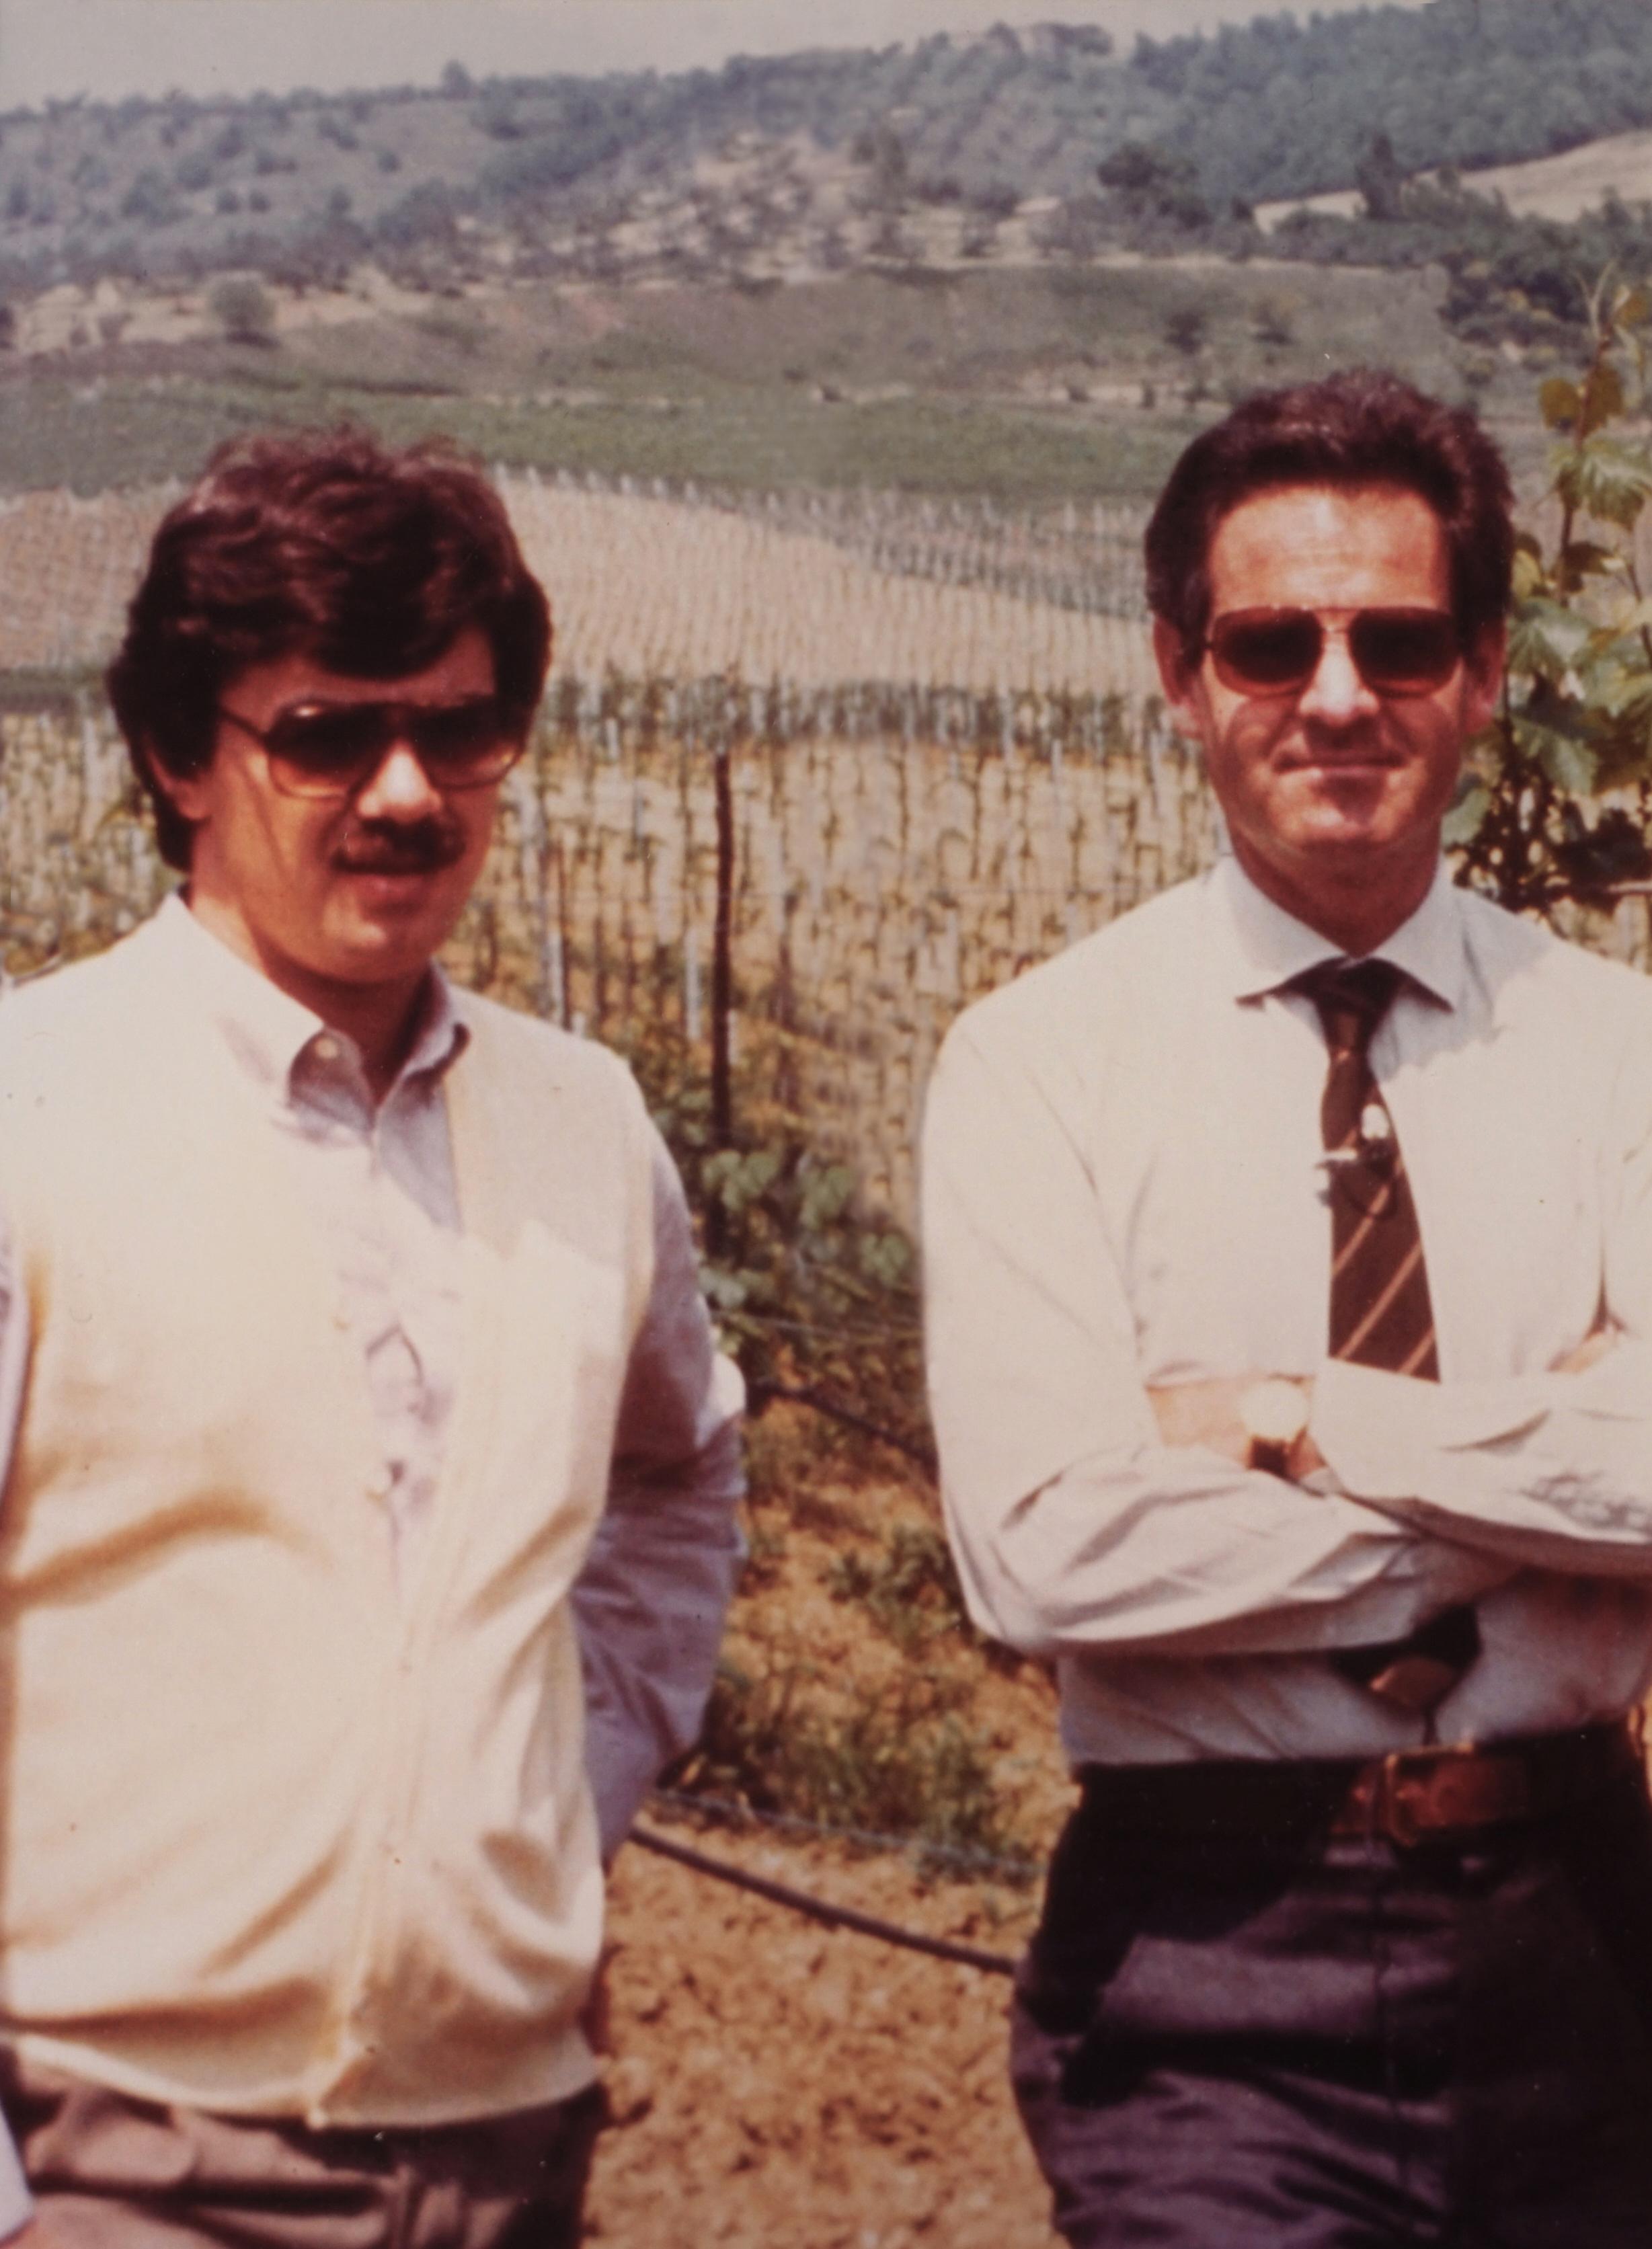 Renzo Cotarella e Piero Antinori tra i vigneti di Castello della Sala, negli anni 80